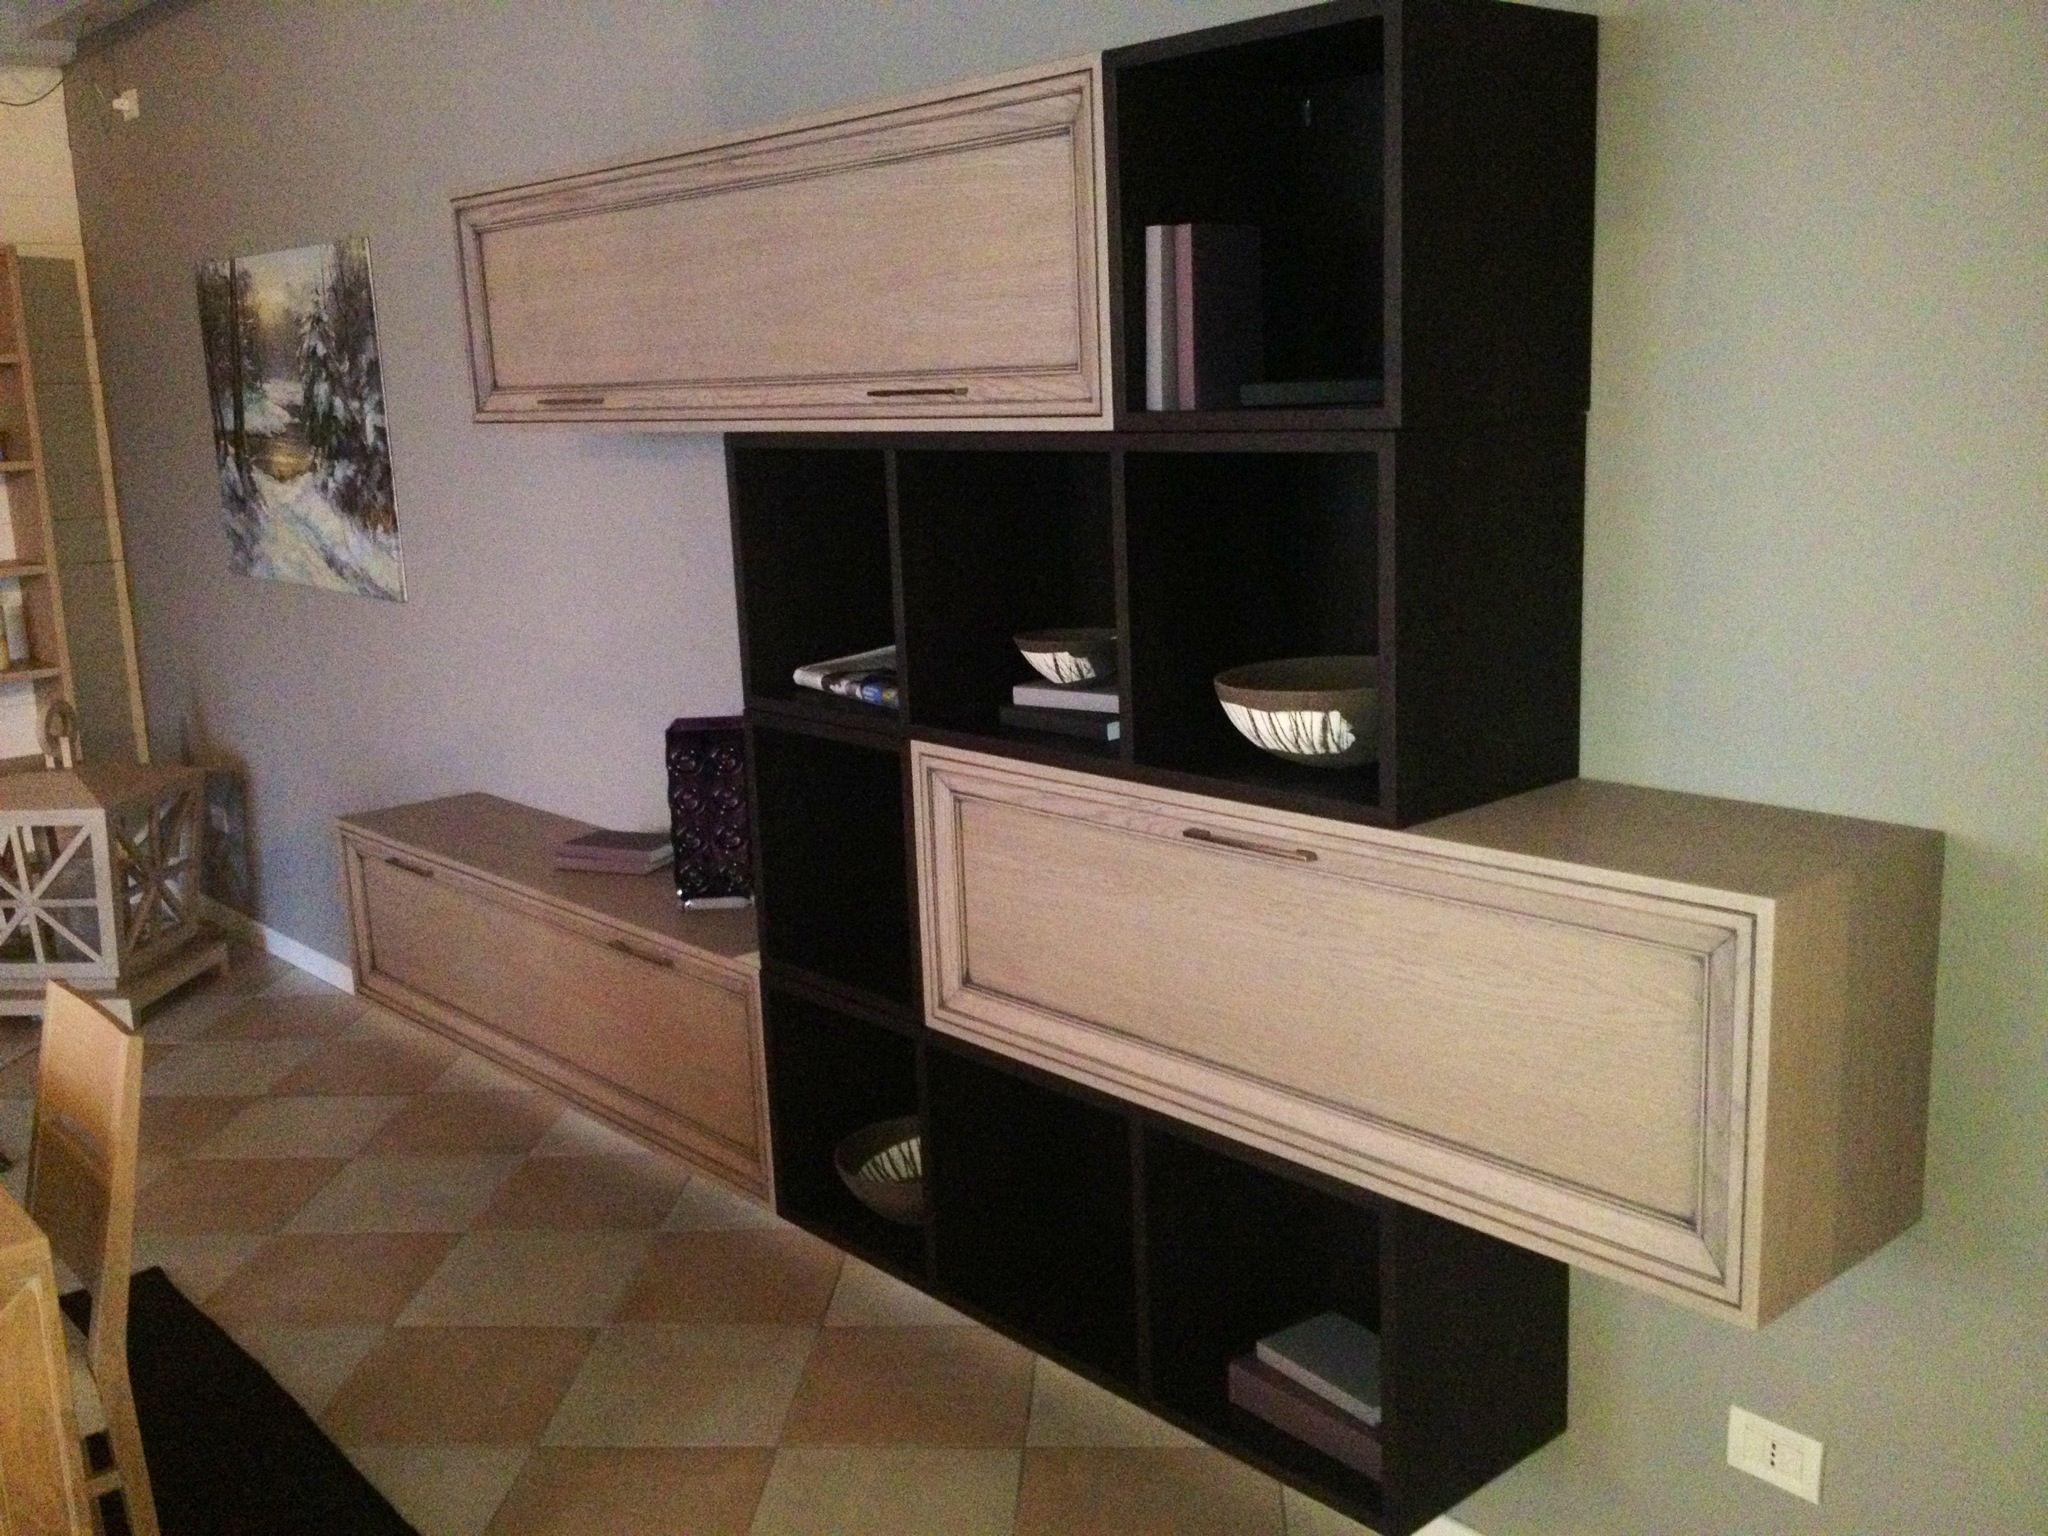 Soggiorno in vendita al Centro del Mobile Bassanese | Soggiorno ...